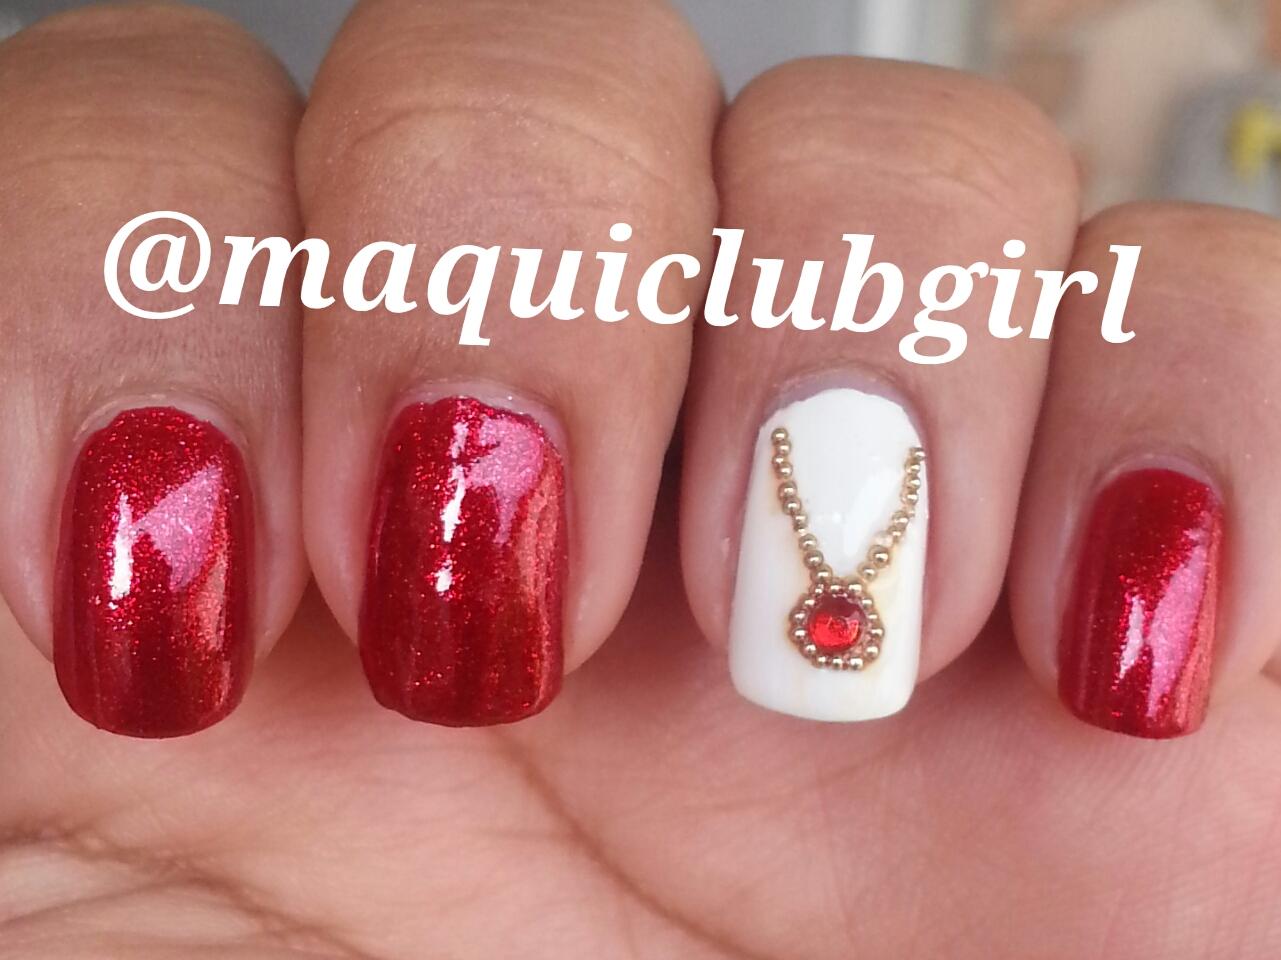 MAQUICLUB GIRL: ABC de las uñas (J de Joya)